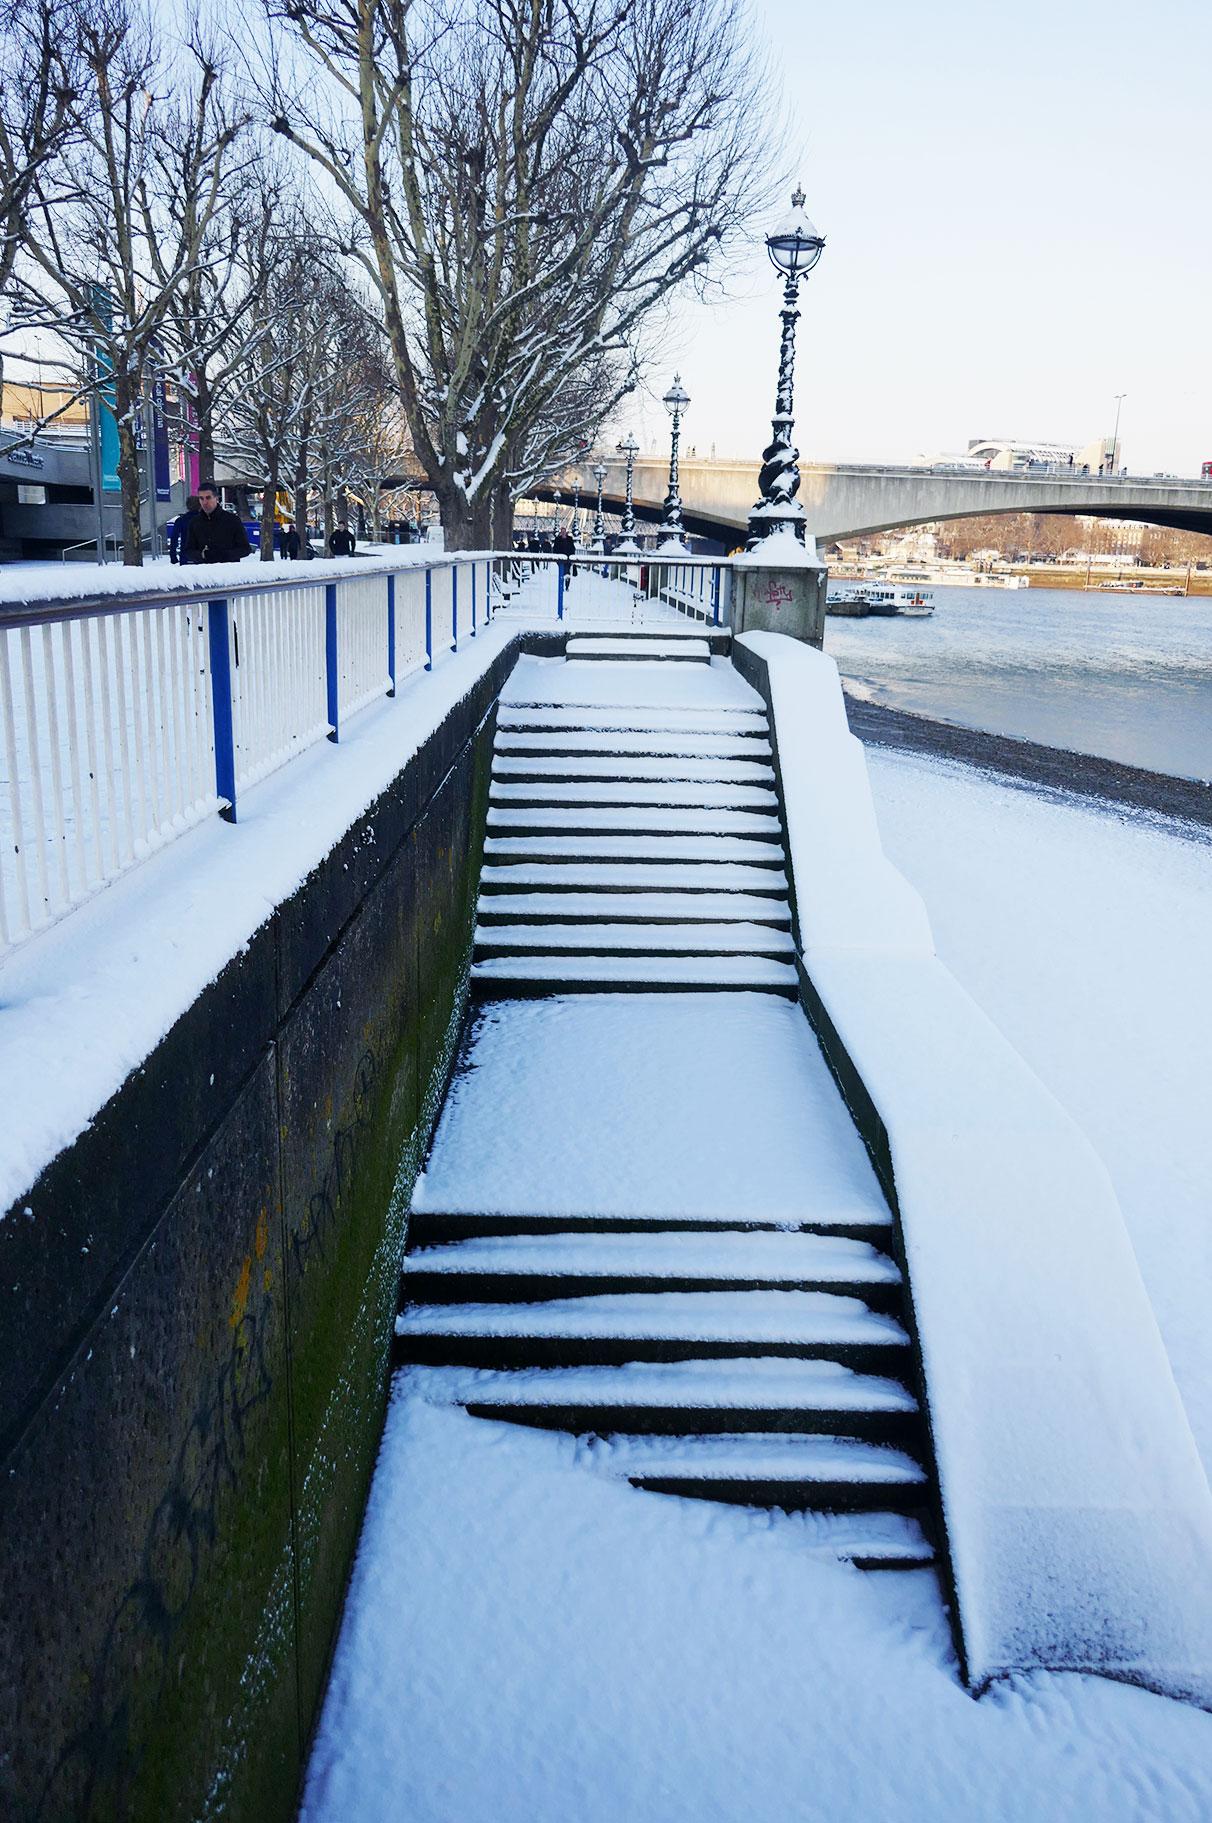 Hooray_snow_stairs.jpg